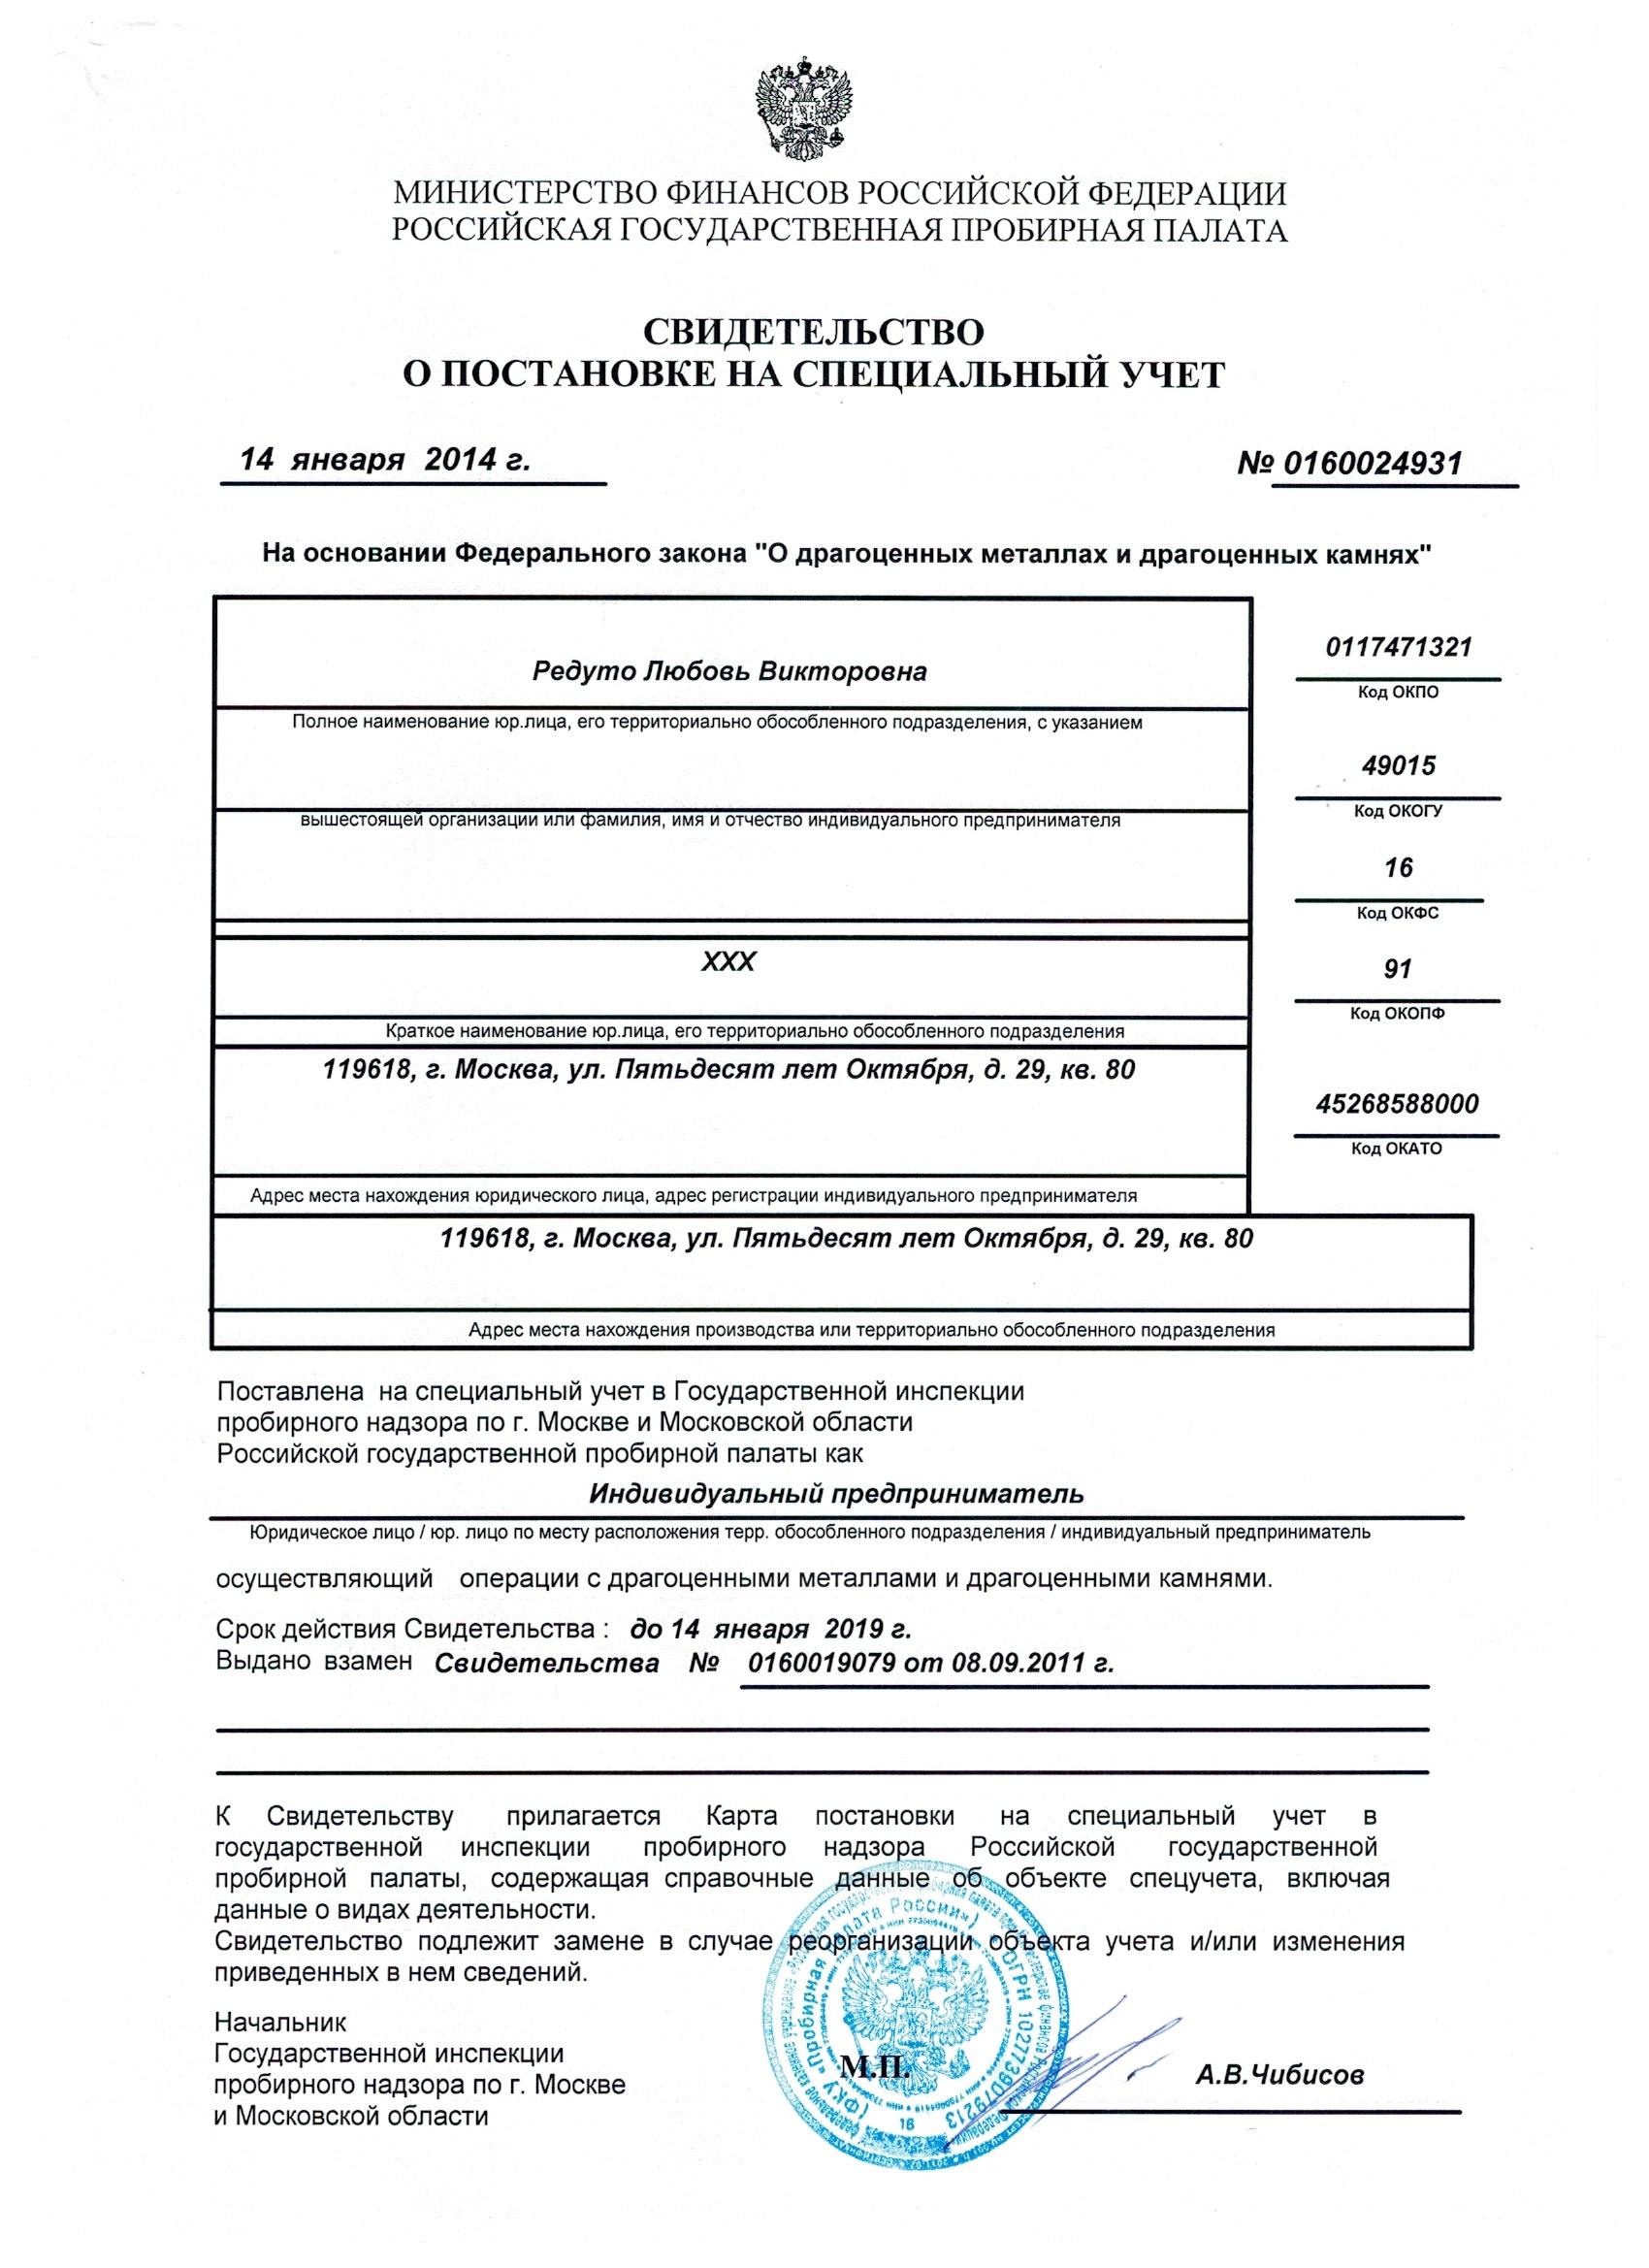 Разрешение_пробирной_палаты.jpg